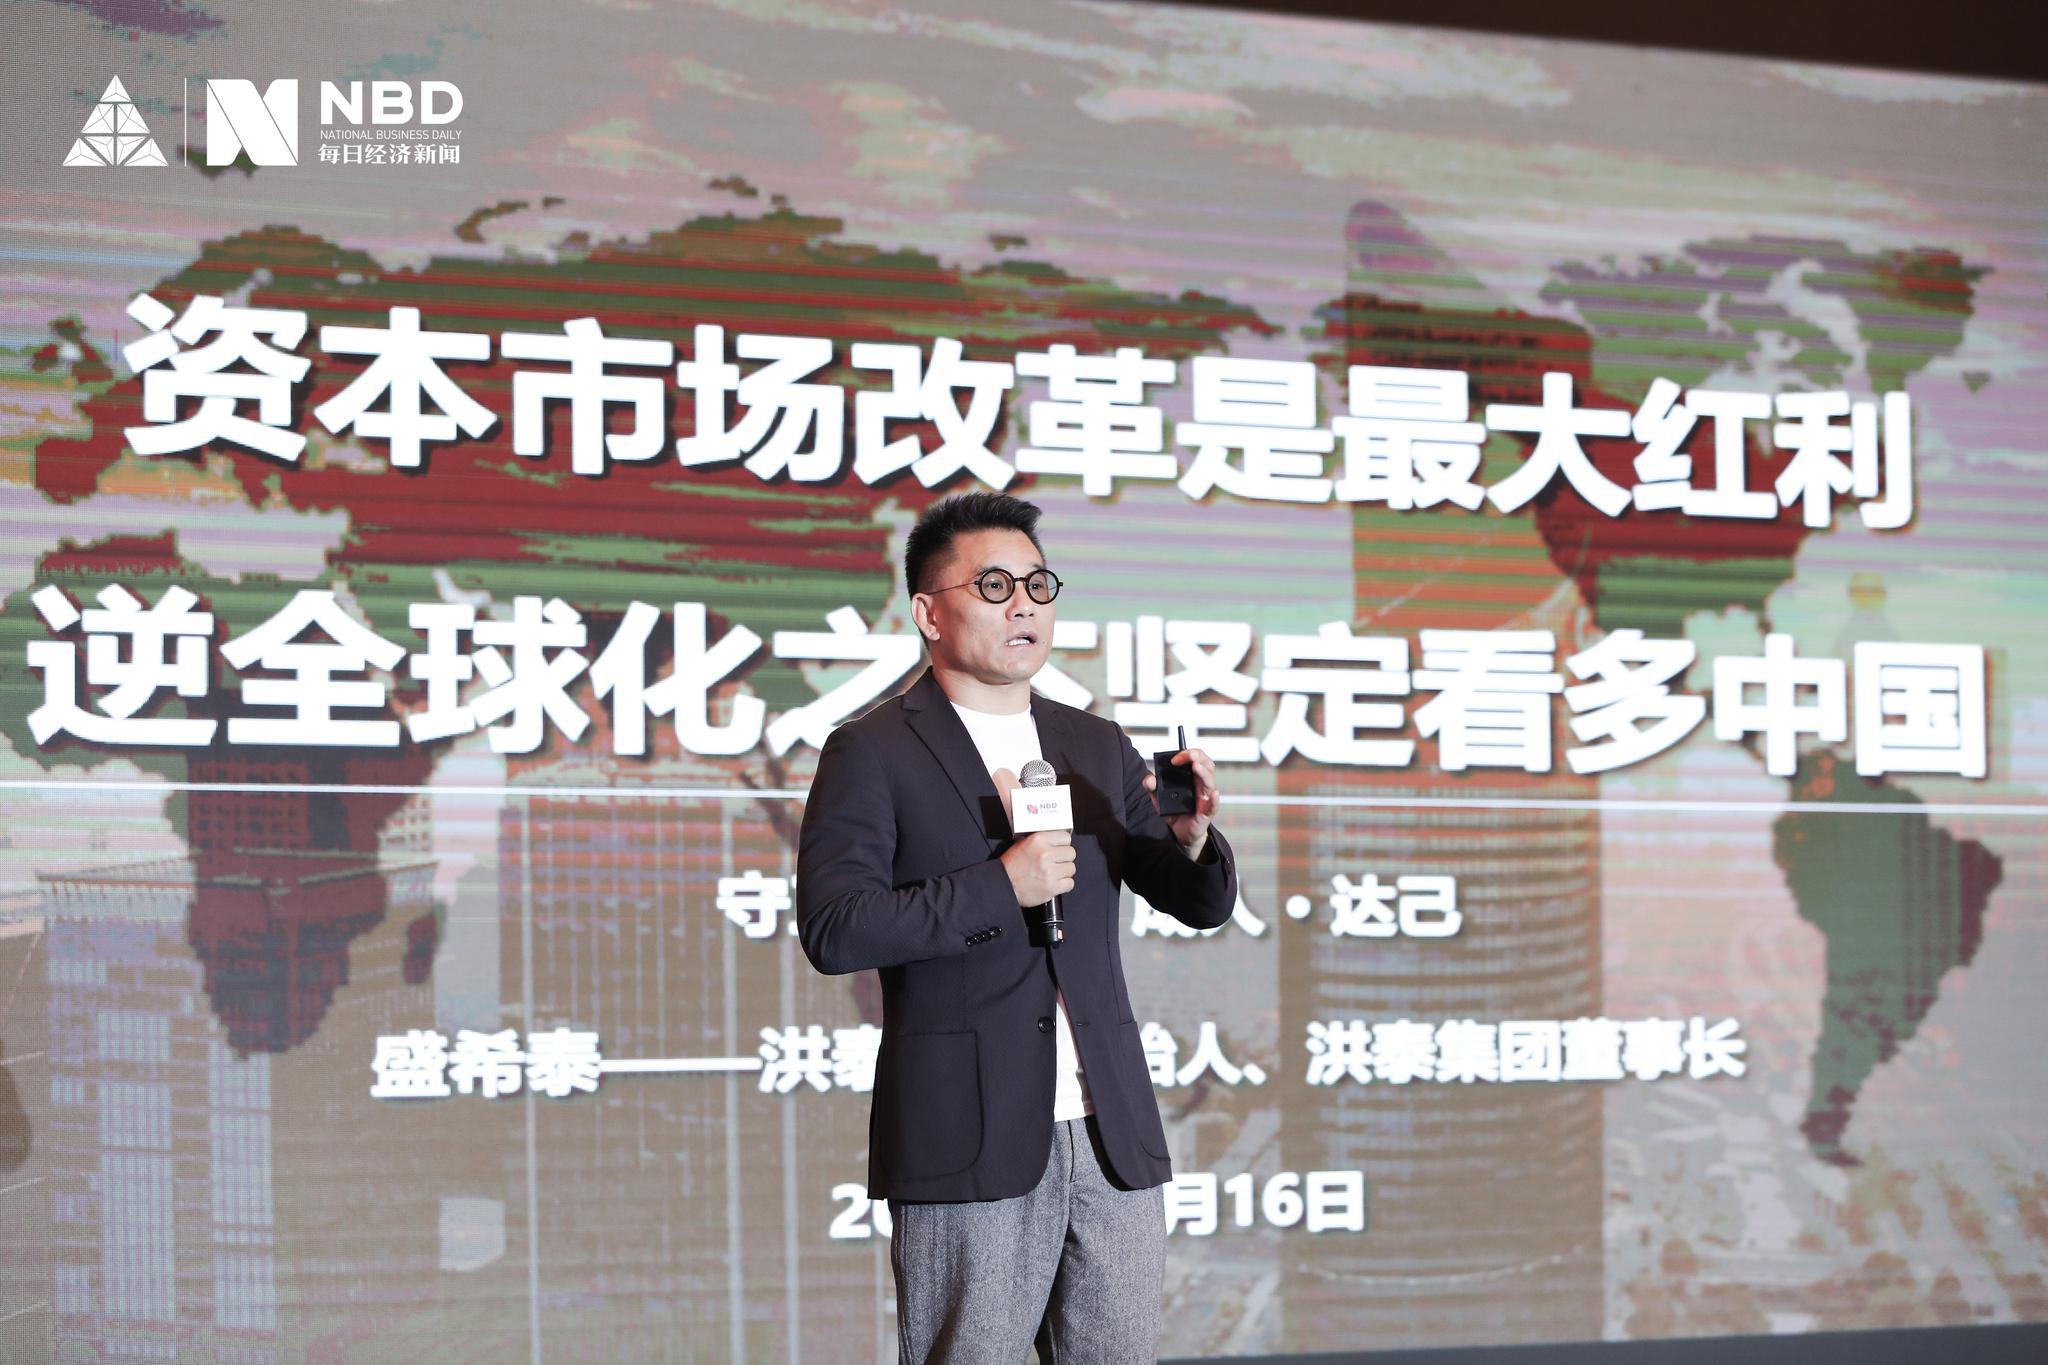 洪泰集团董事长盛希泰:逆全球化之下坚定看多中国